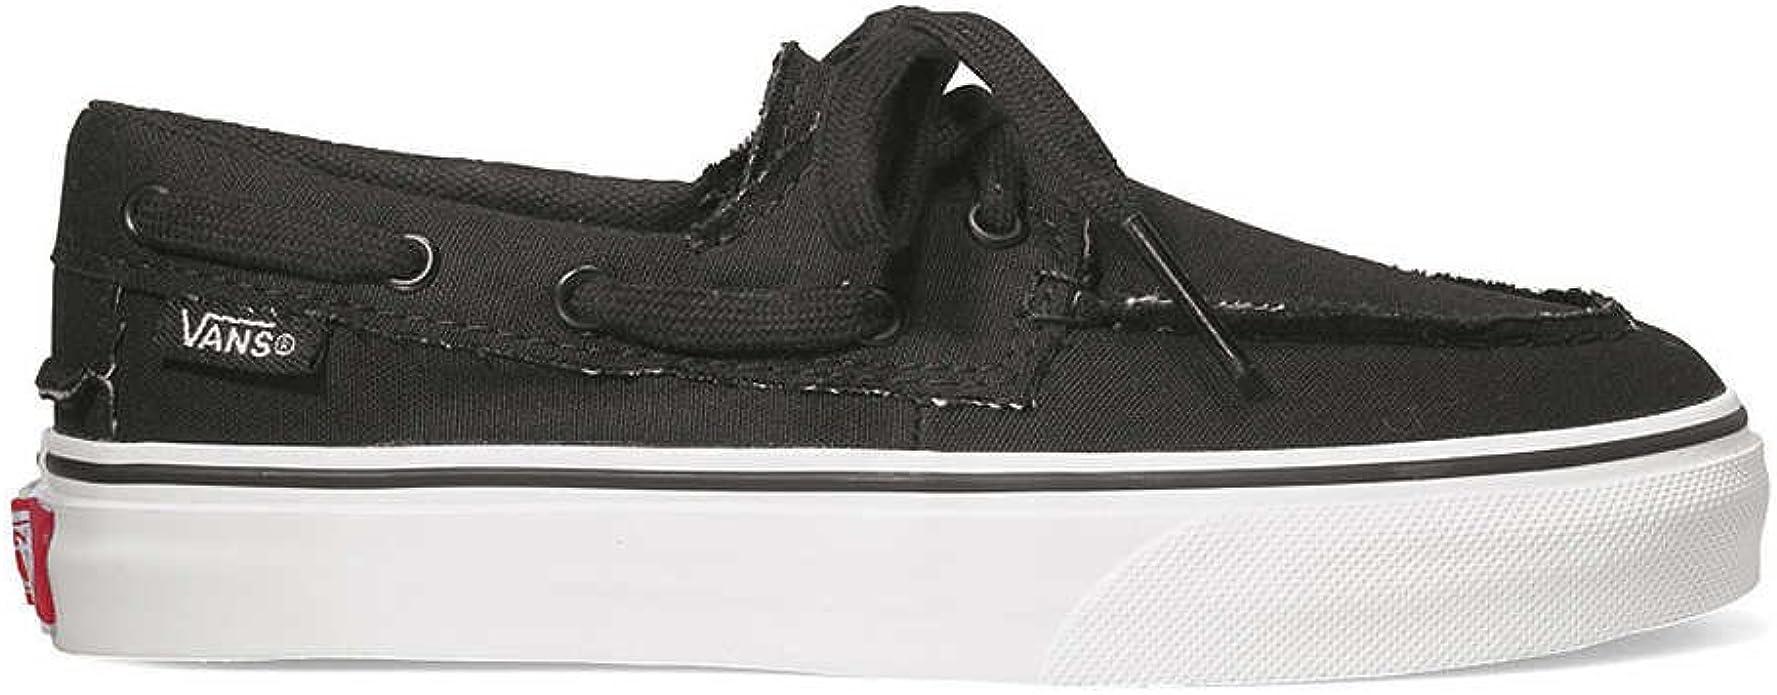 Amazon.com: Vans Youth Zapato Del Barco